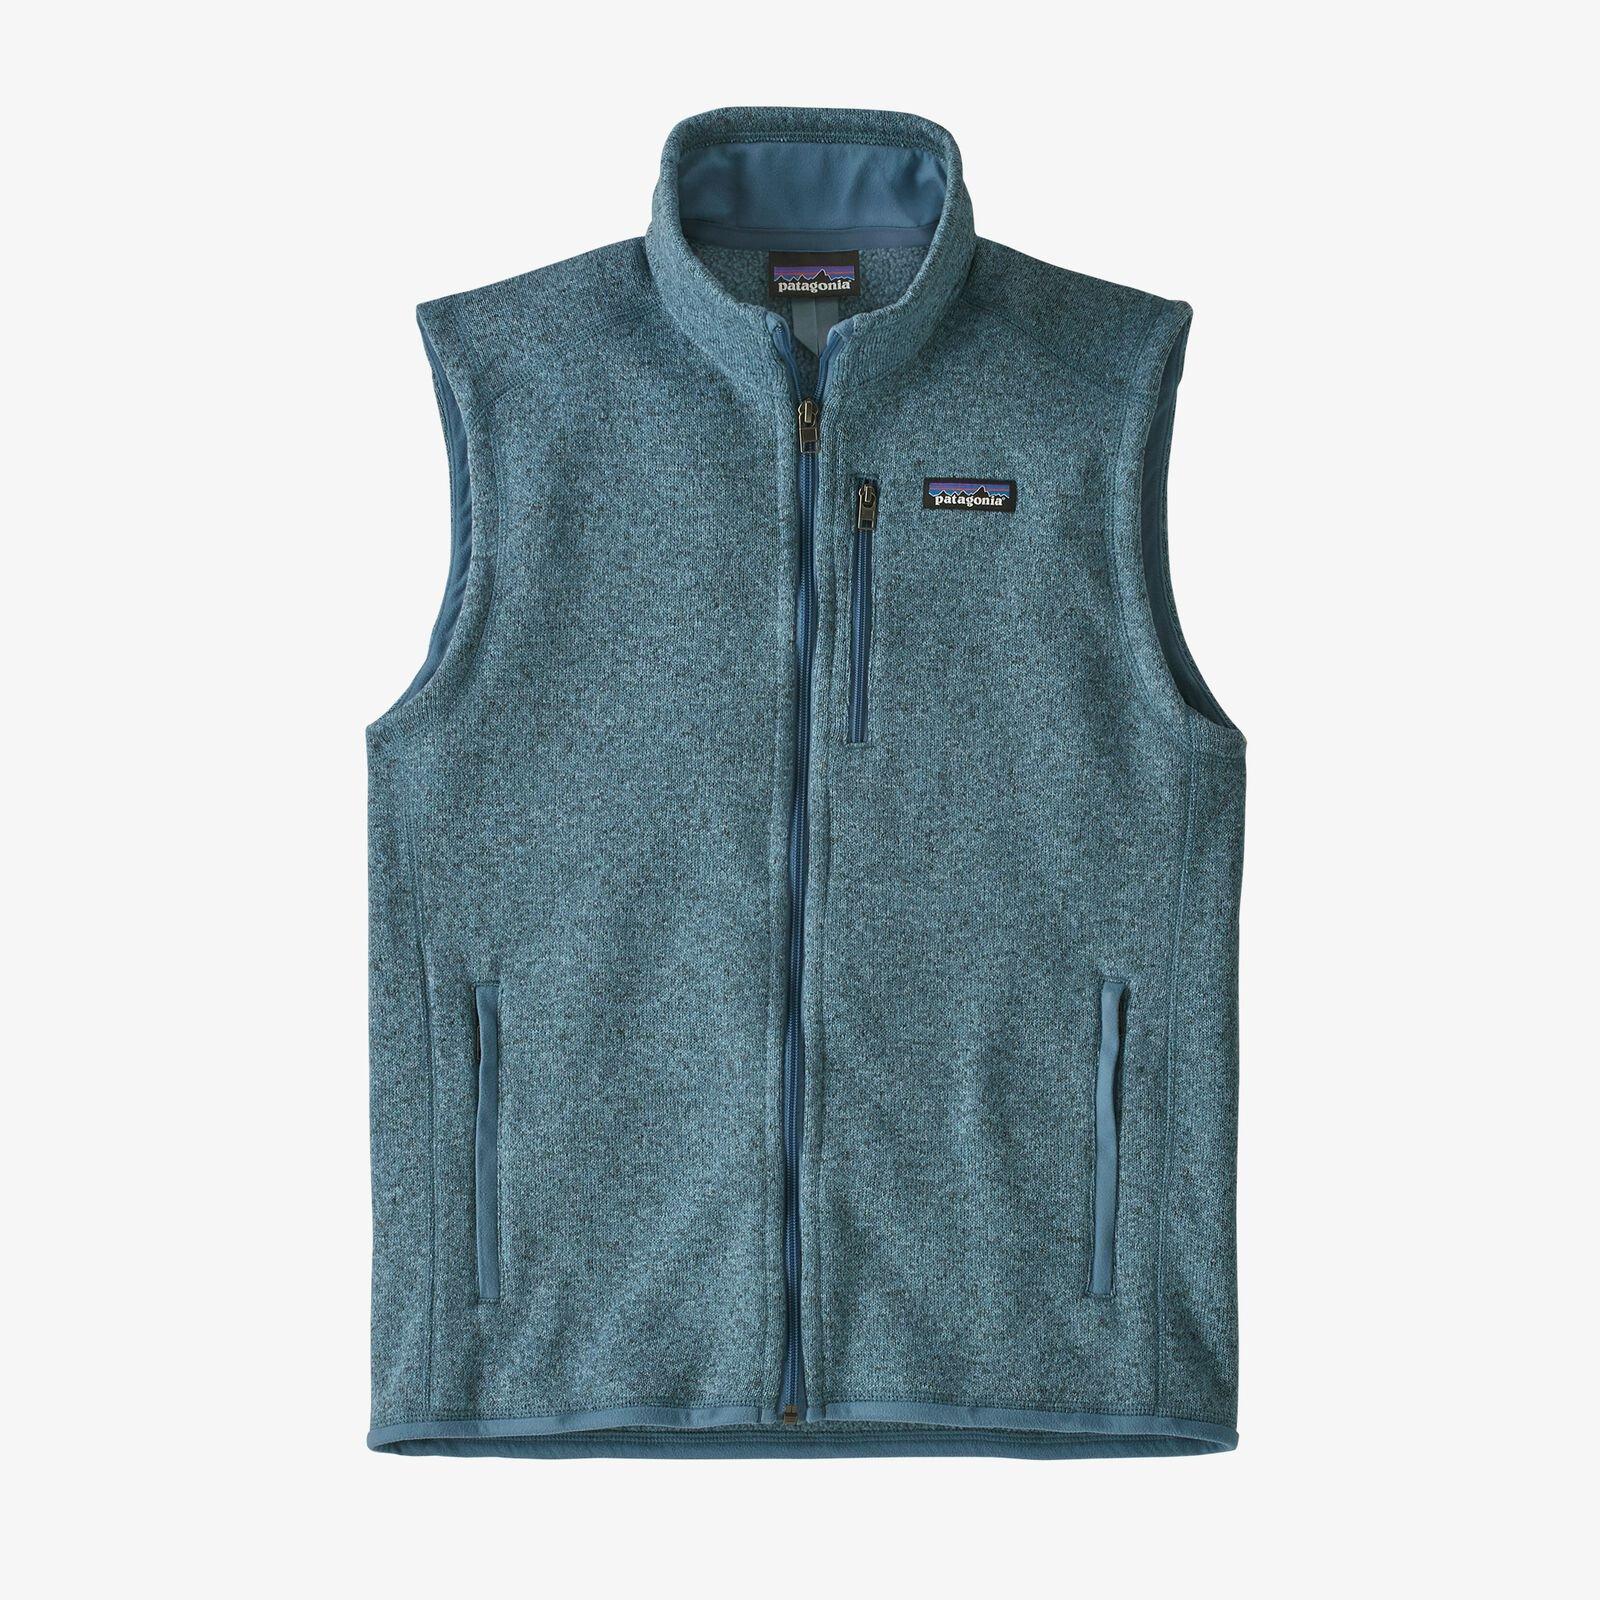 Patagonia Men's Better Sweater Fleece Vest (25882)-Team One Newport